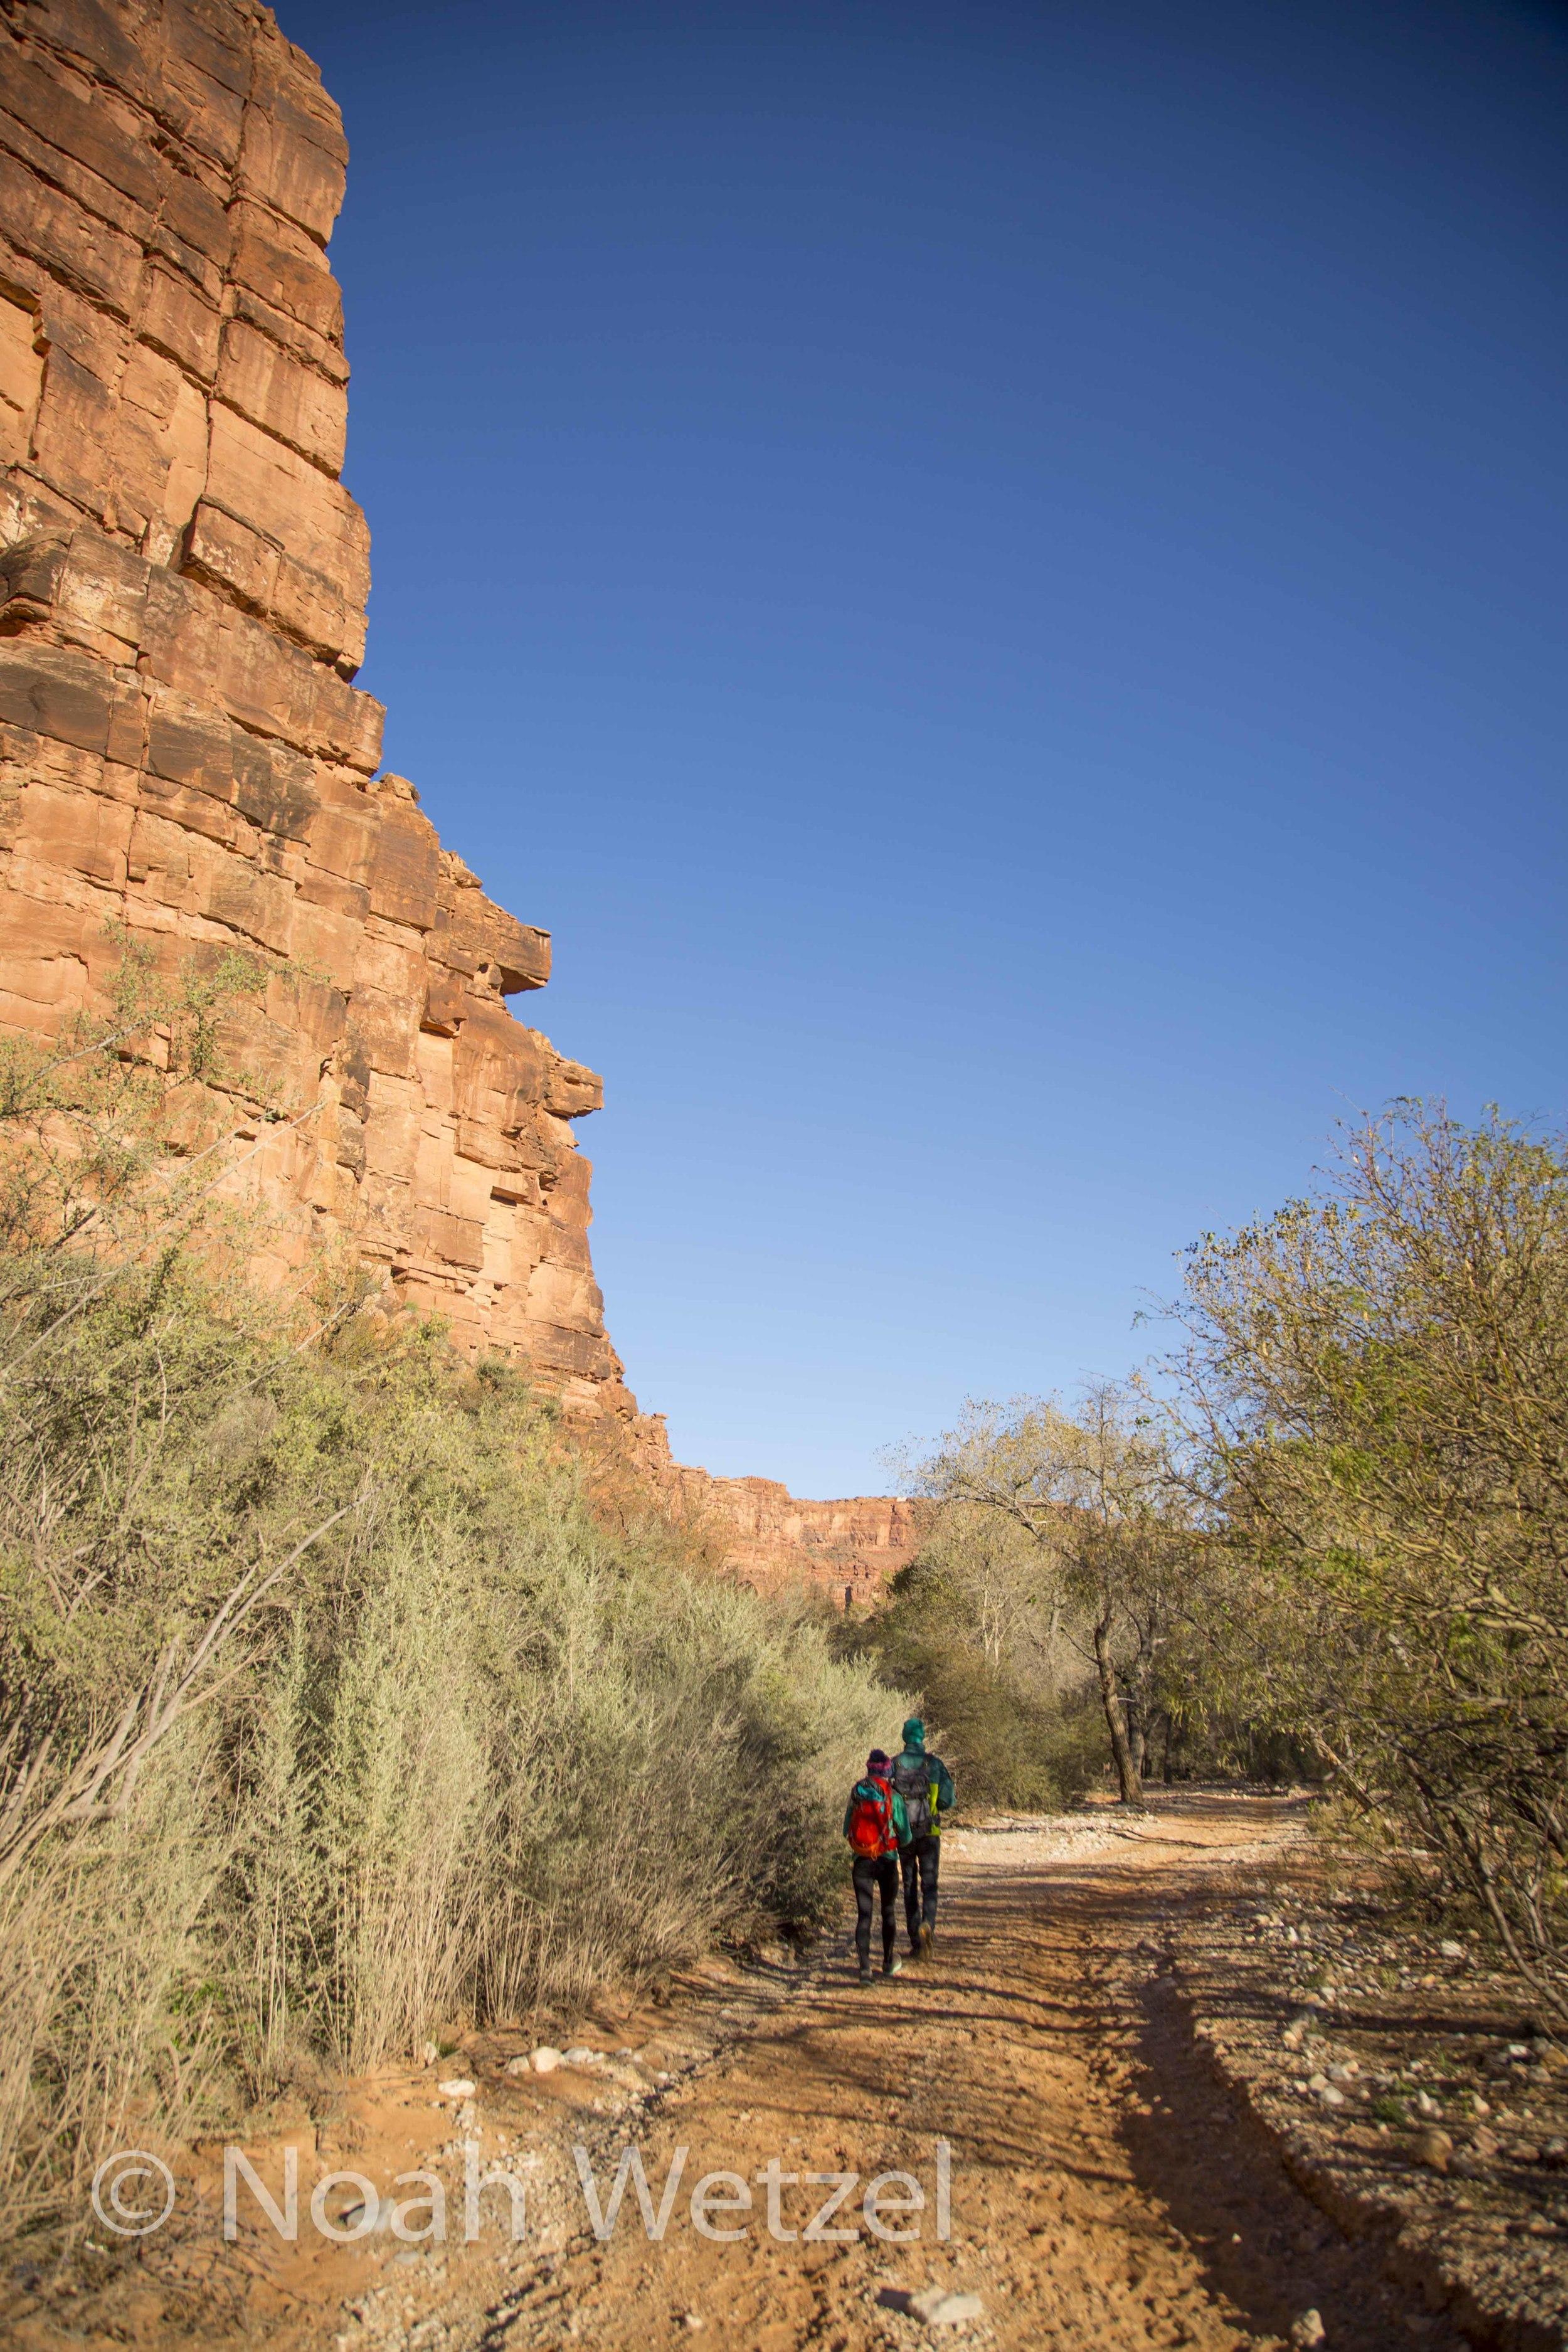 Jerome and Rachel nearing Supai, Arizona